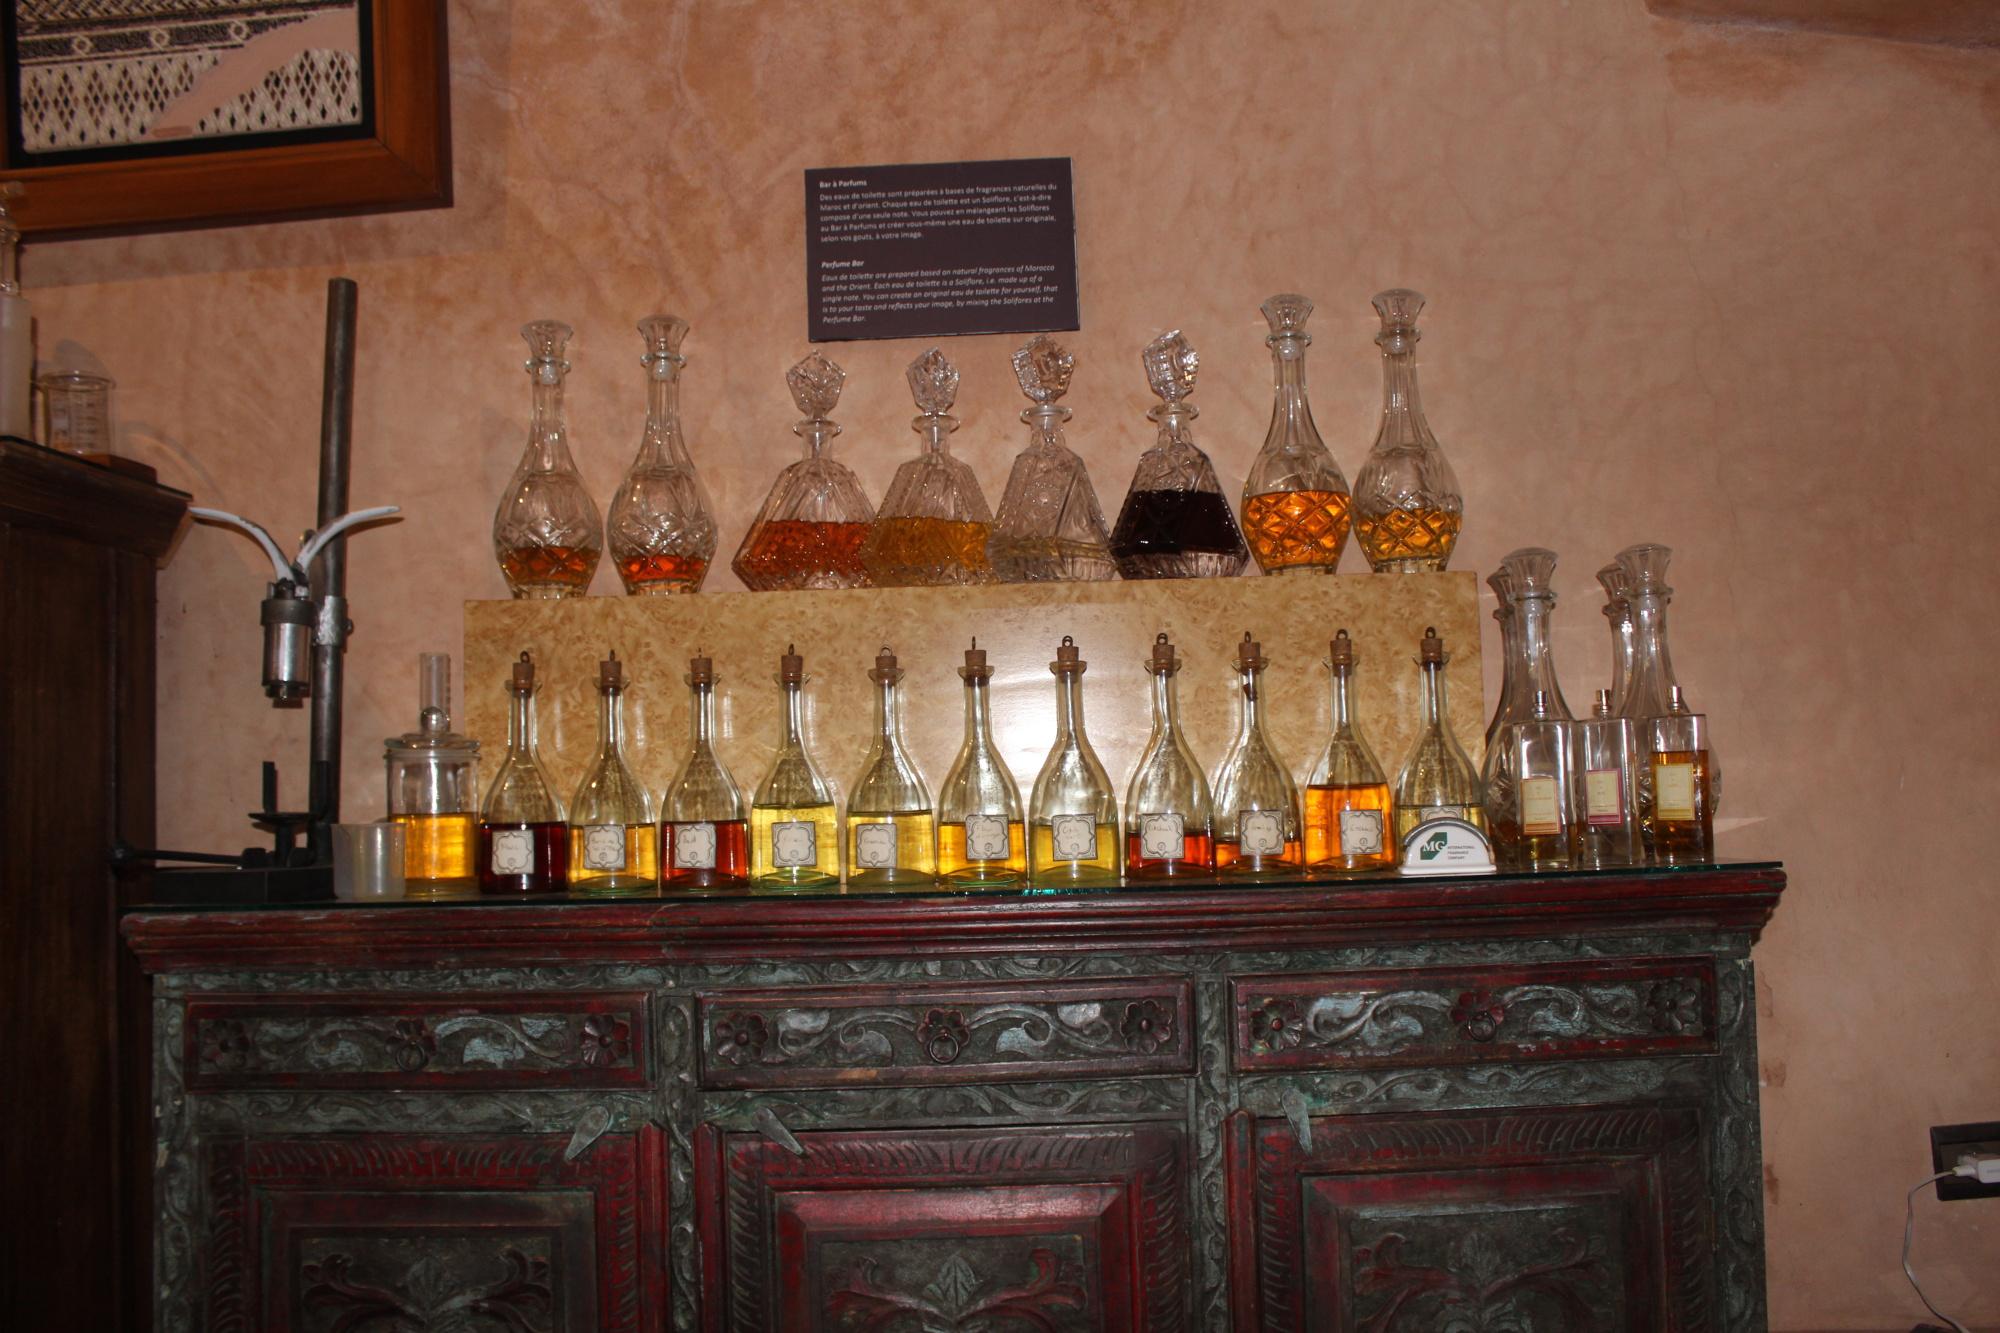 Sehenswürdigkeiten Marrakesch: Musée du Parfum Marrakesch - Parfum selbst machen